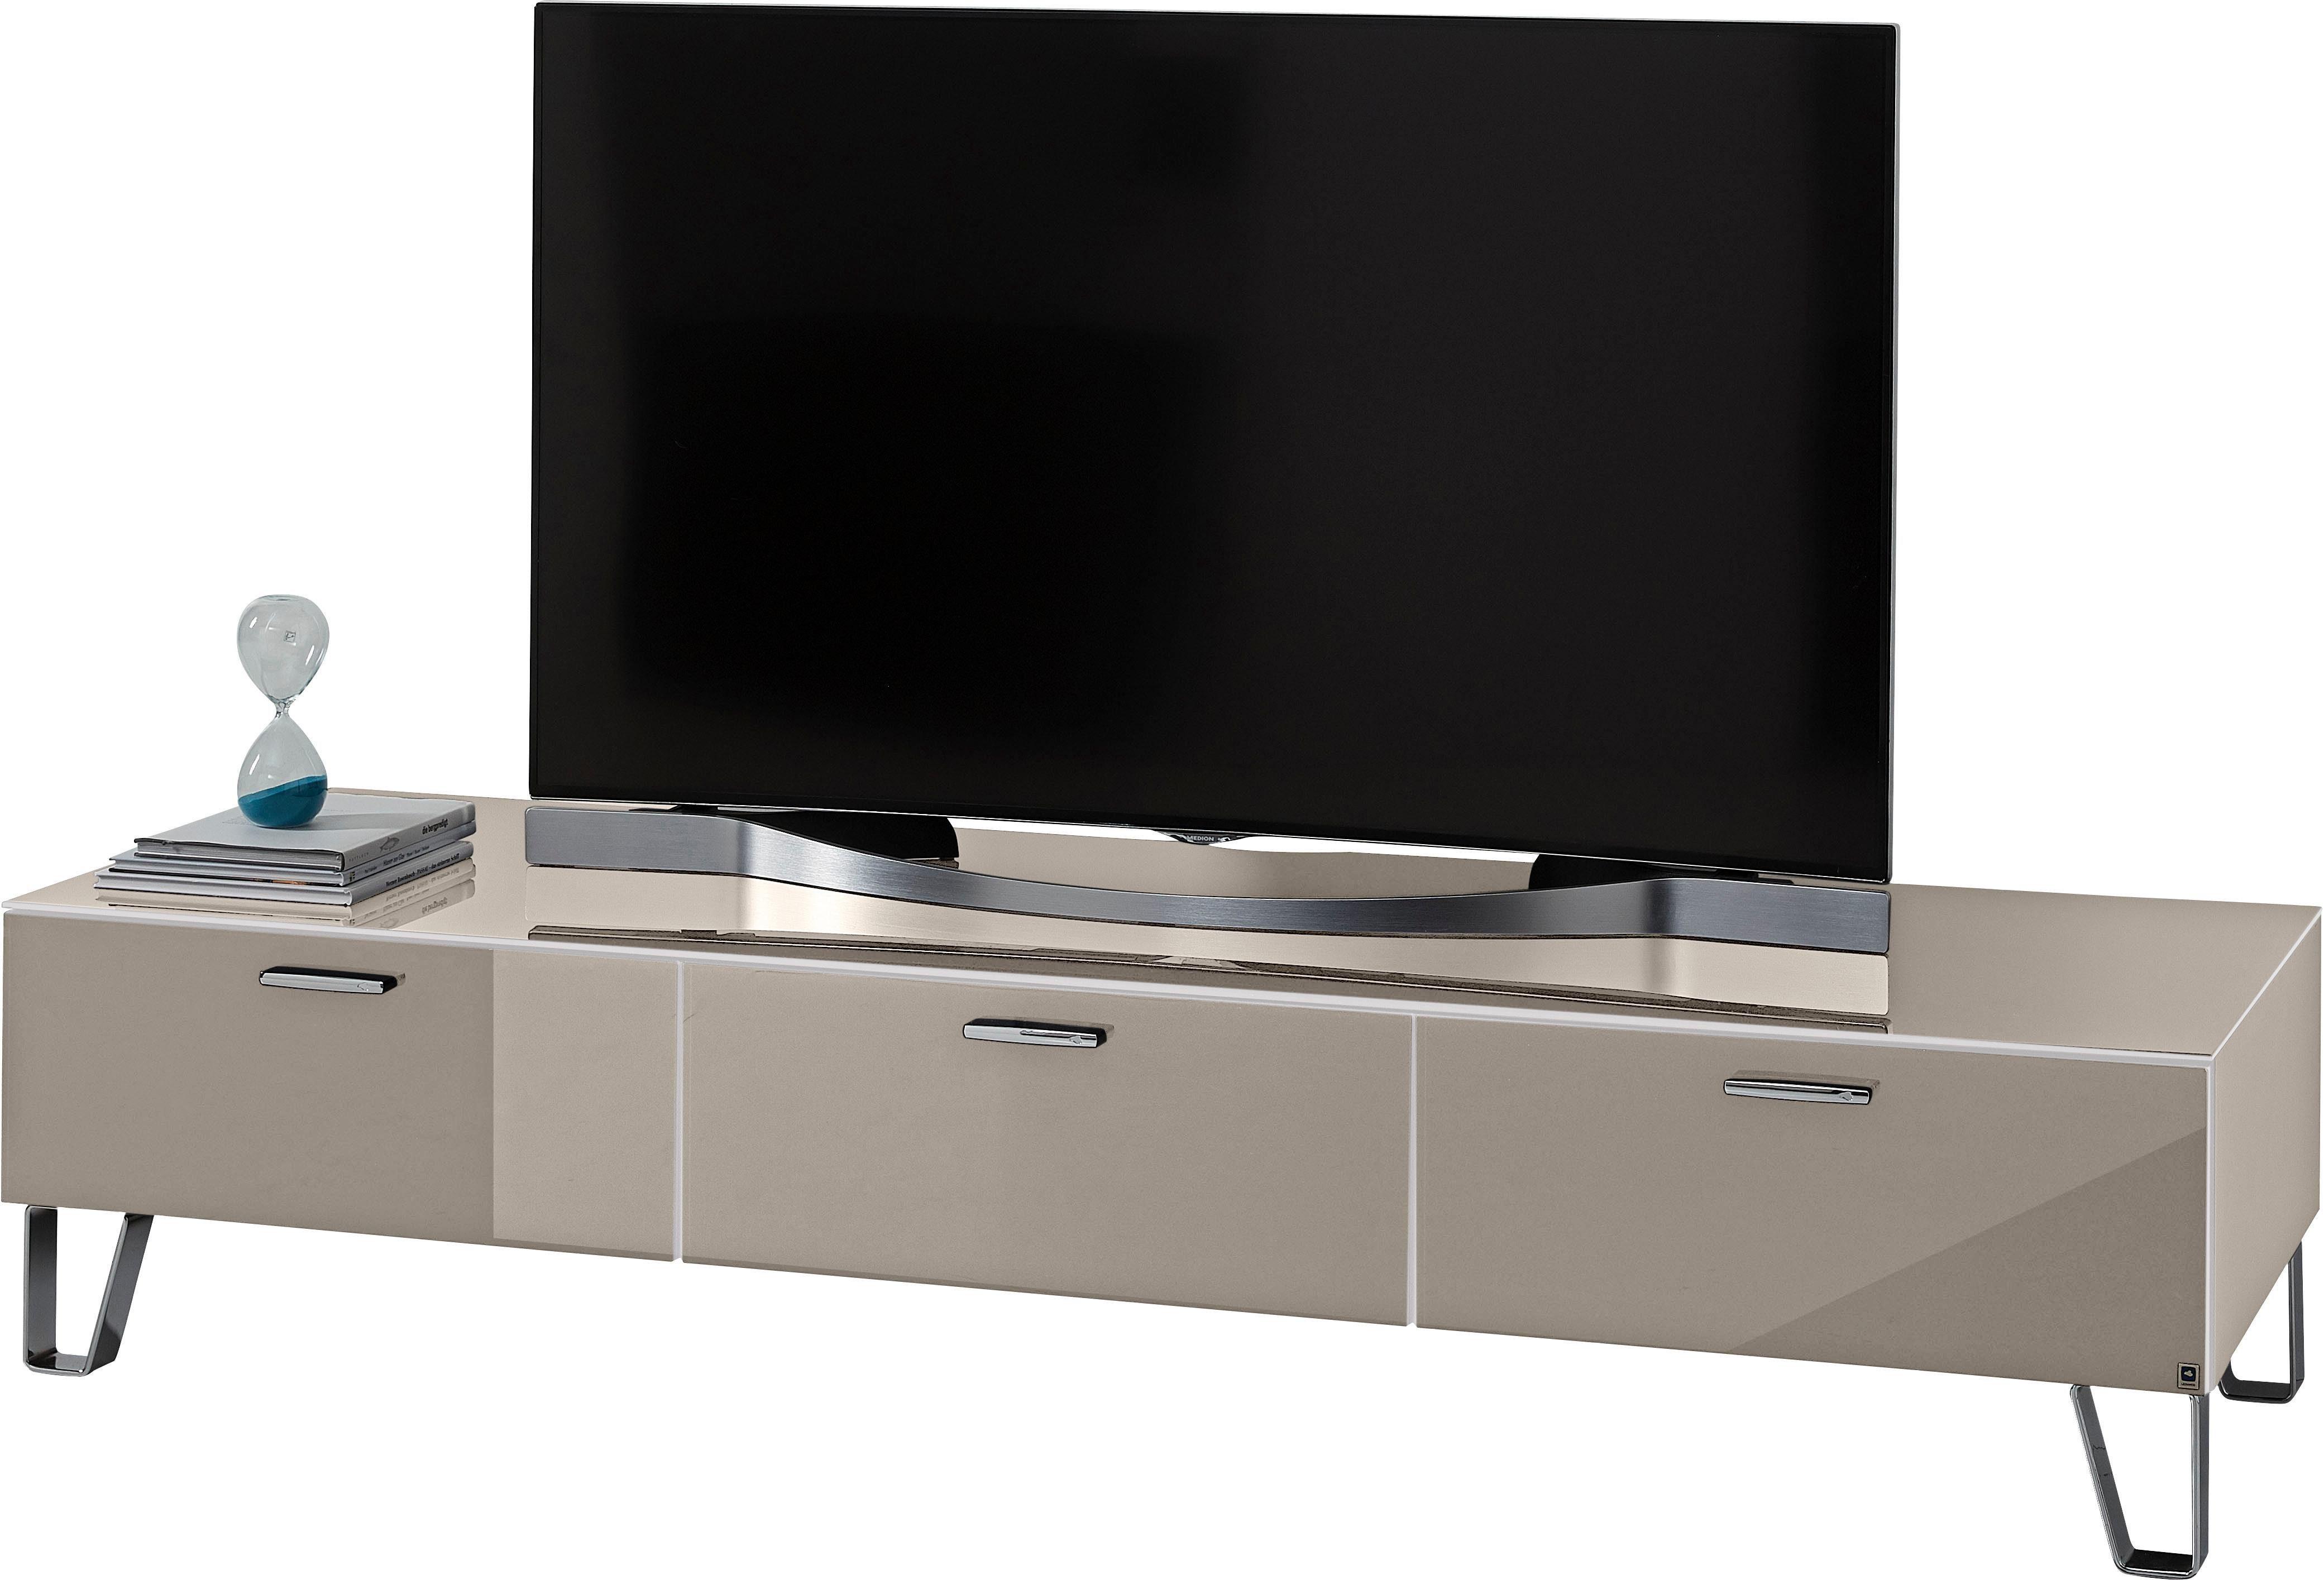 LEONARDO Lowboard »CUBE«, auf Designfüßen, mit 3 Schubladen, Breite 189 cm online kaufen | OTTO